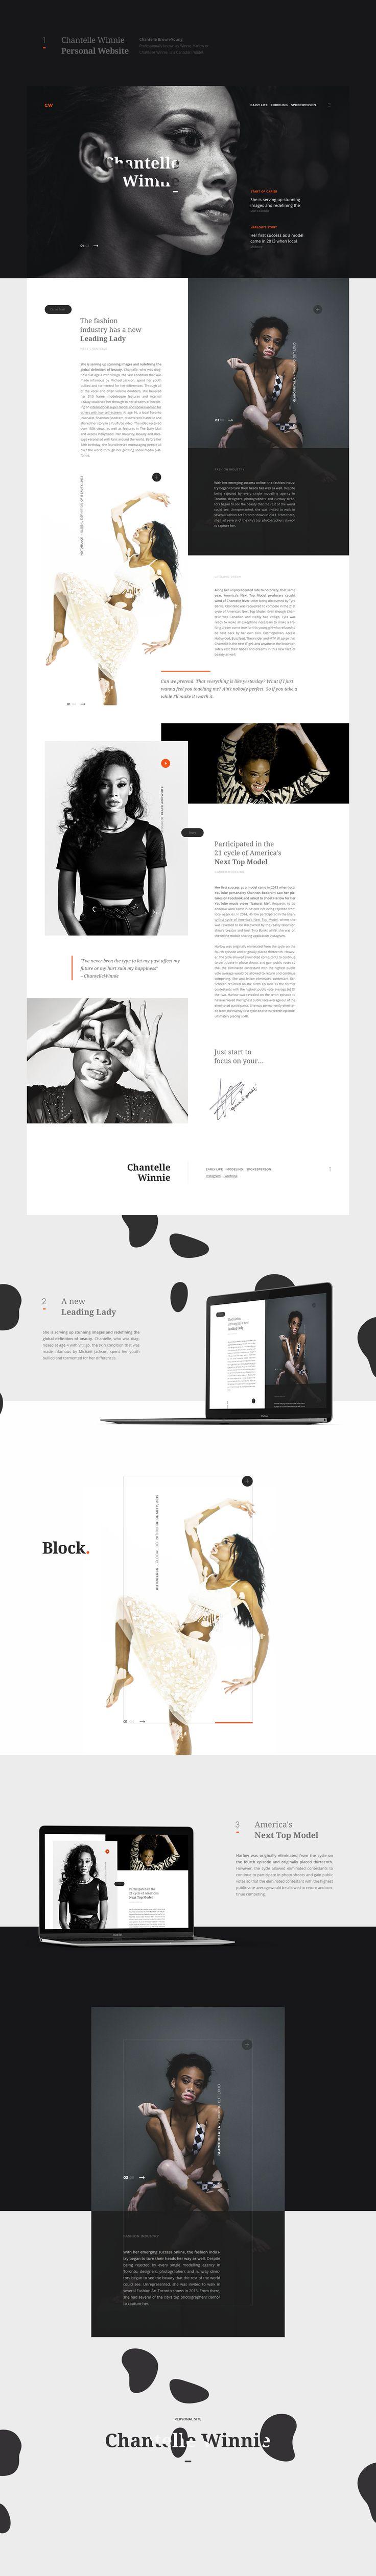 Chantelle Winnie Personal Website on Behance